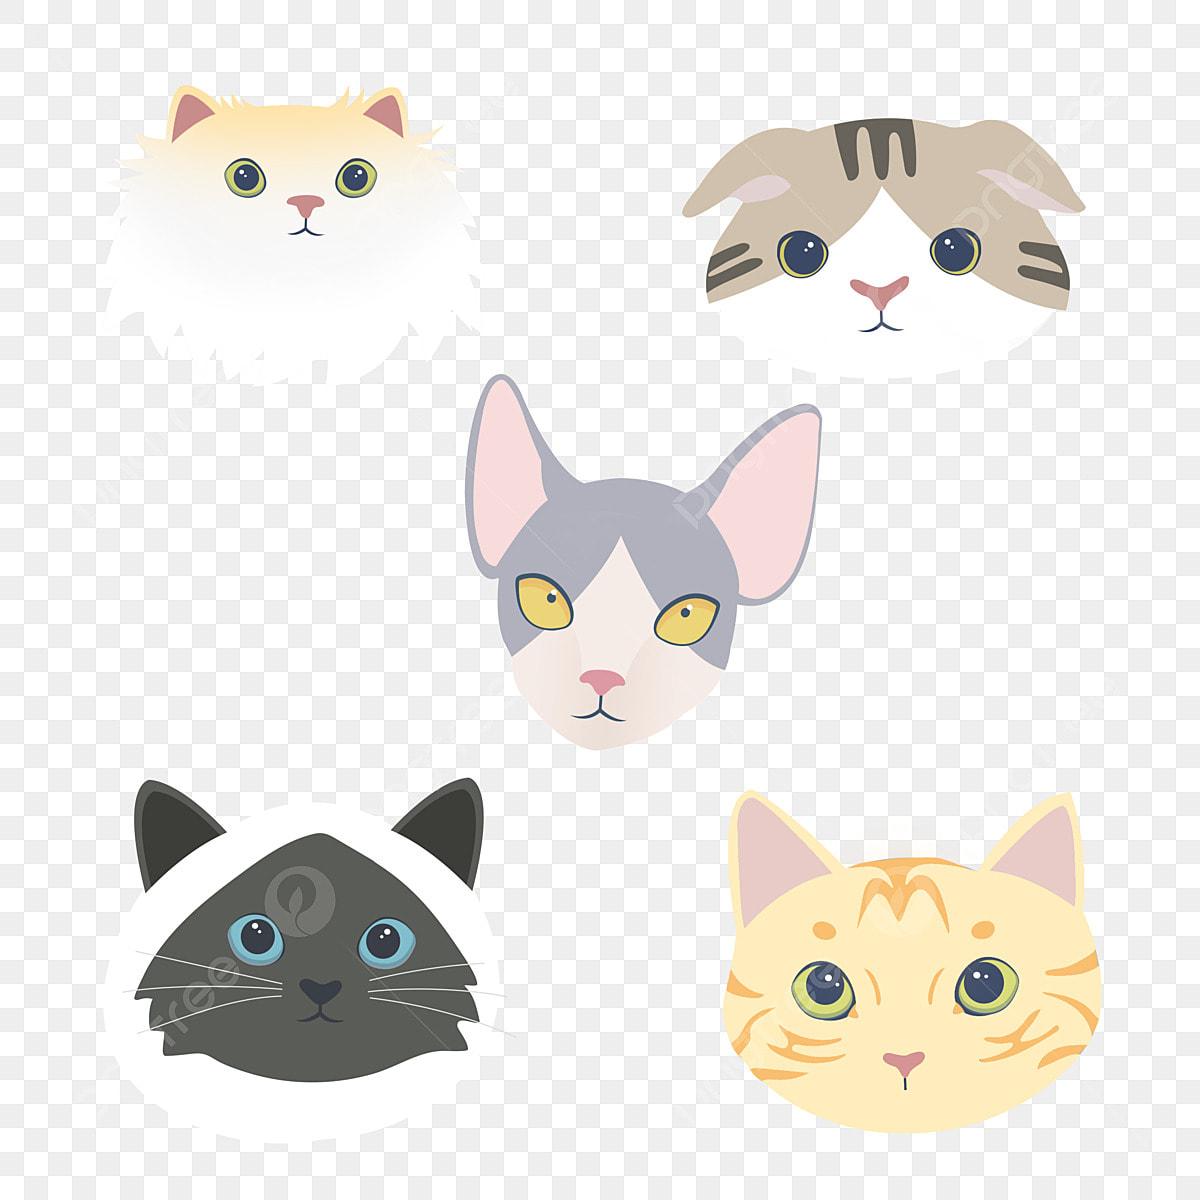 Animal Dos Desenhos Animados Combinacao Elemento Gato E Cachorro